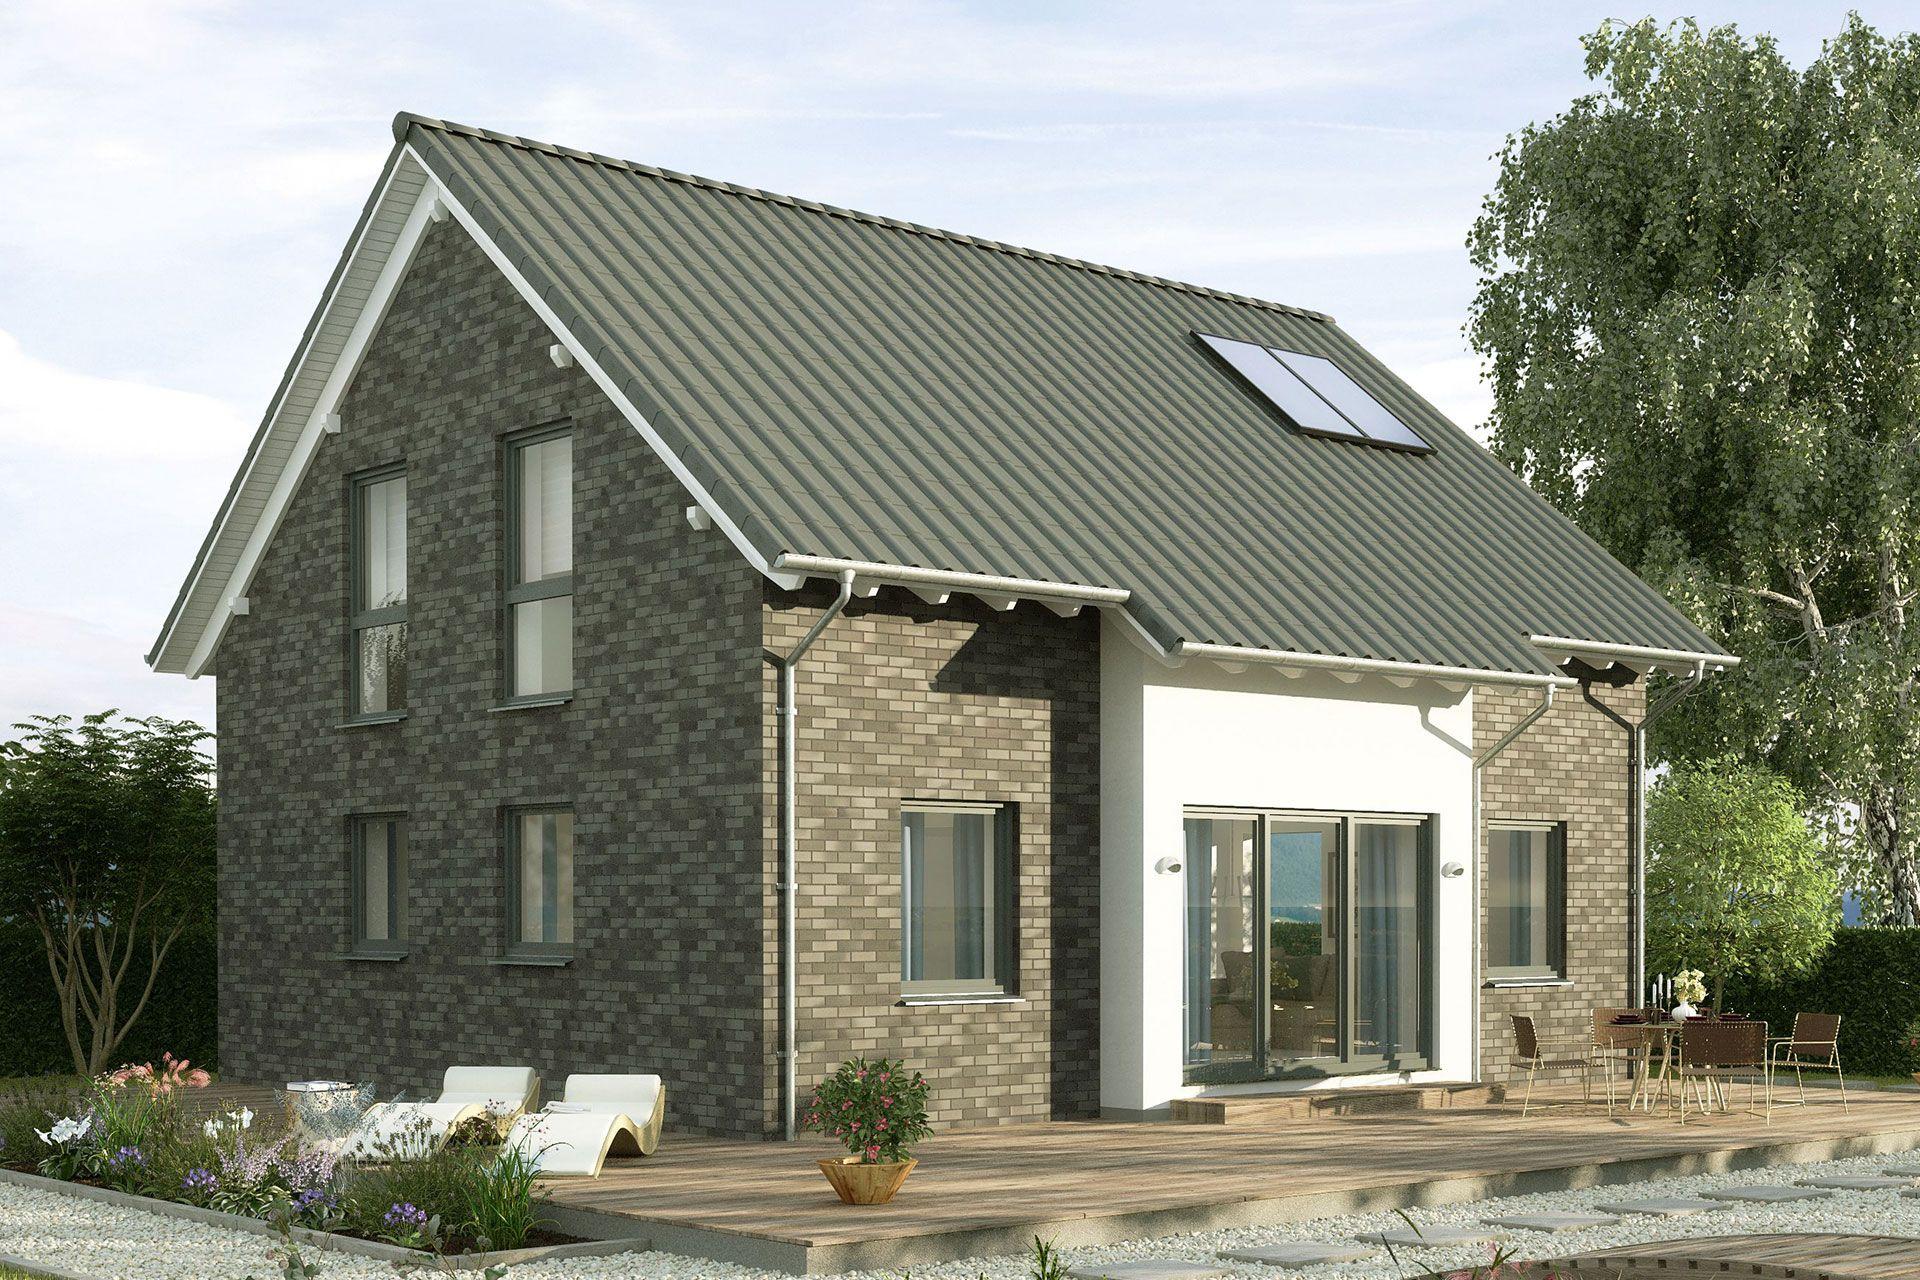 einfamilienhaus wohnen pinterest einfamilienhaus wohnen und h uschen. Black Bedroom Furniture Sets. Home Design Ideas